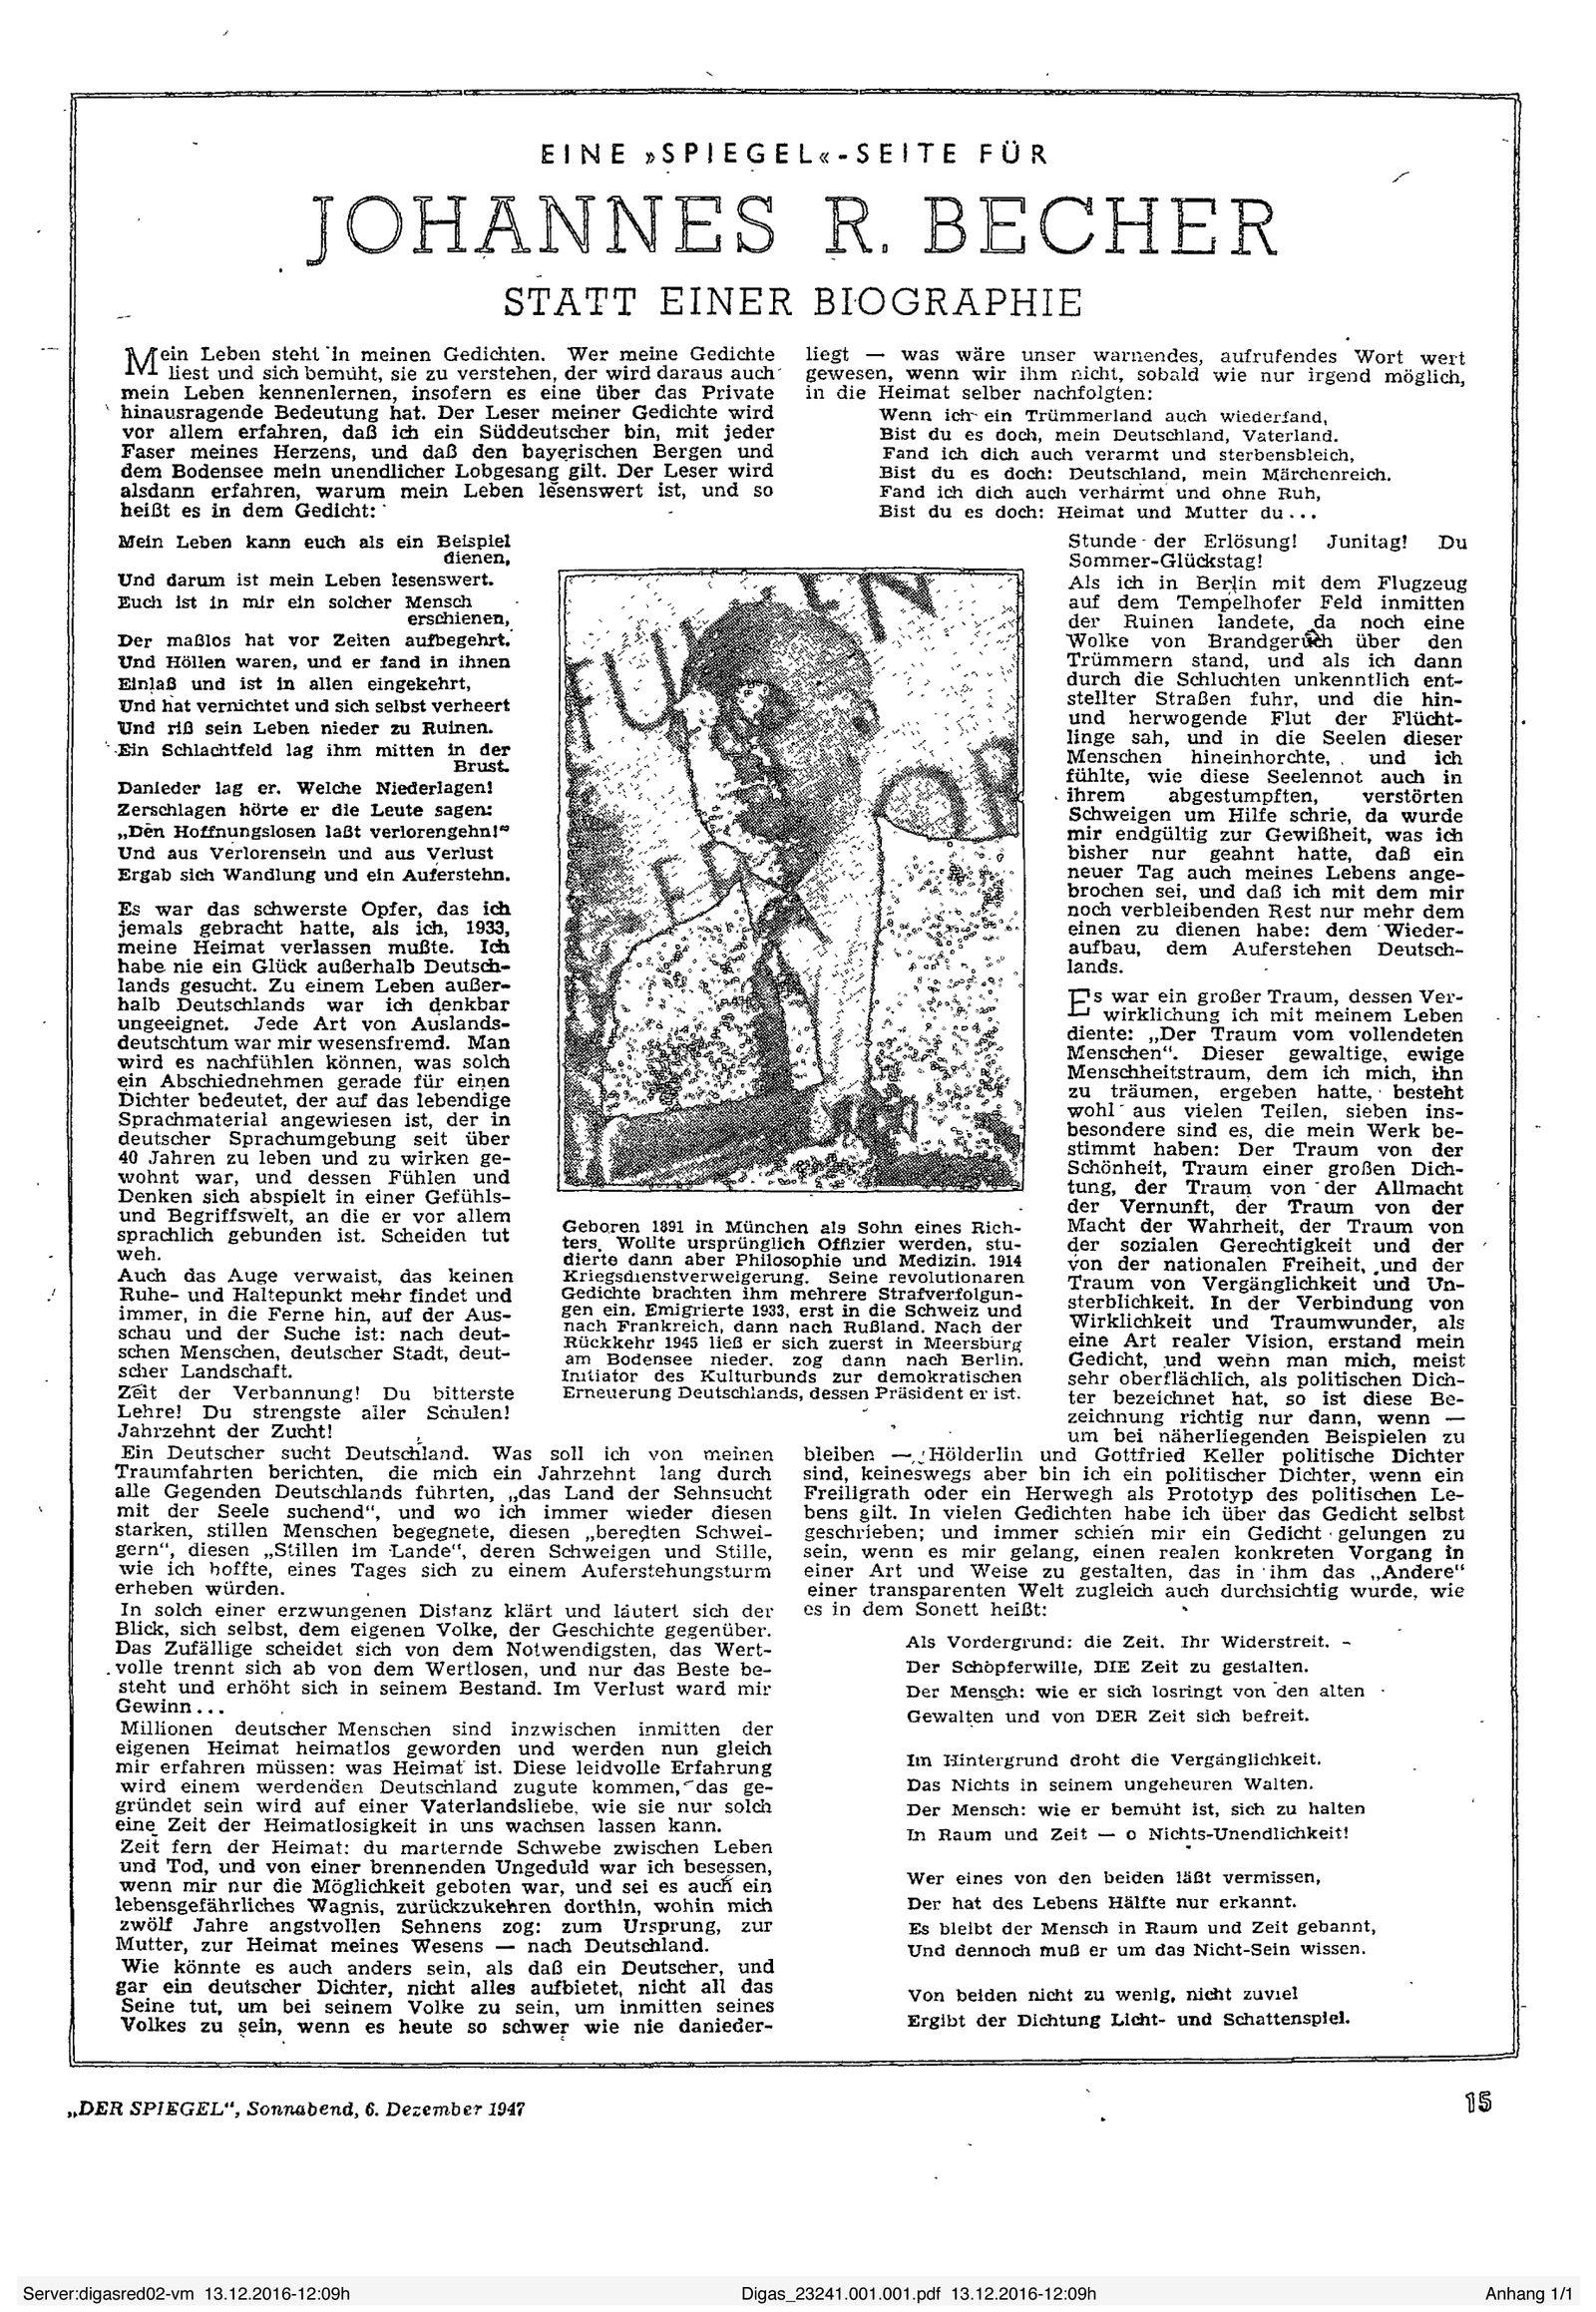 EINMALIGE VERWENDUNG SPIEGEL Scan 1947